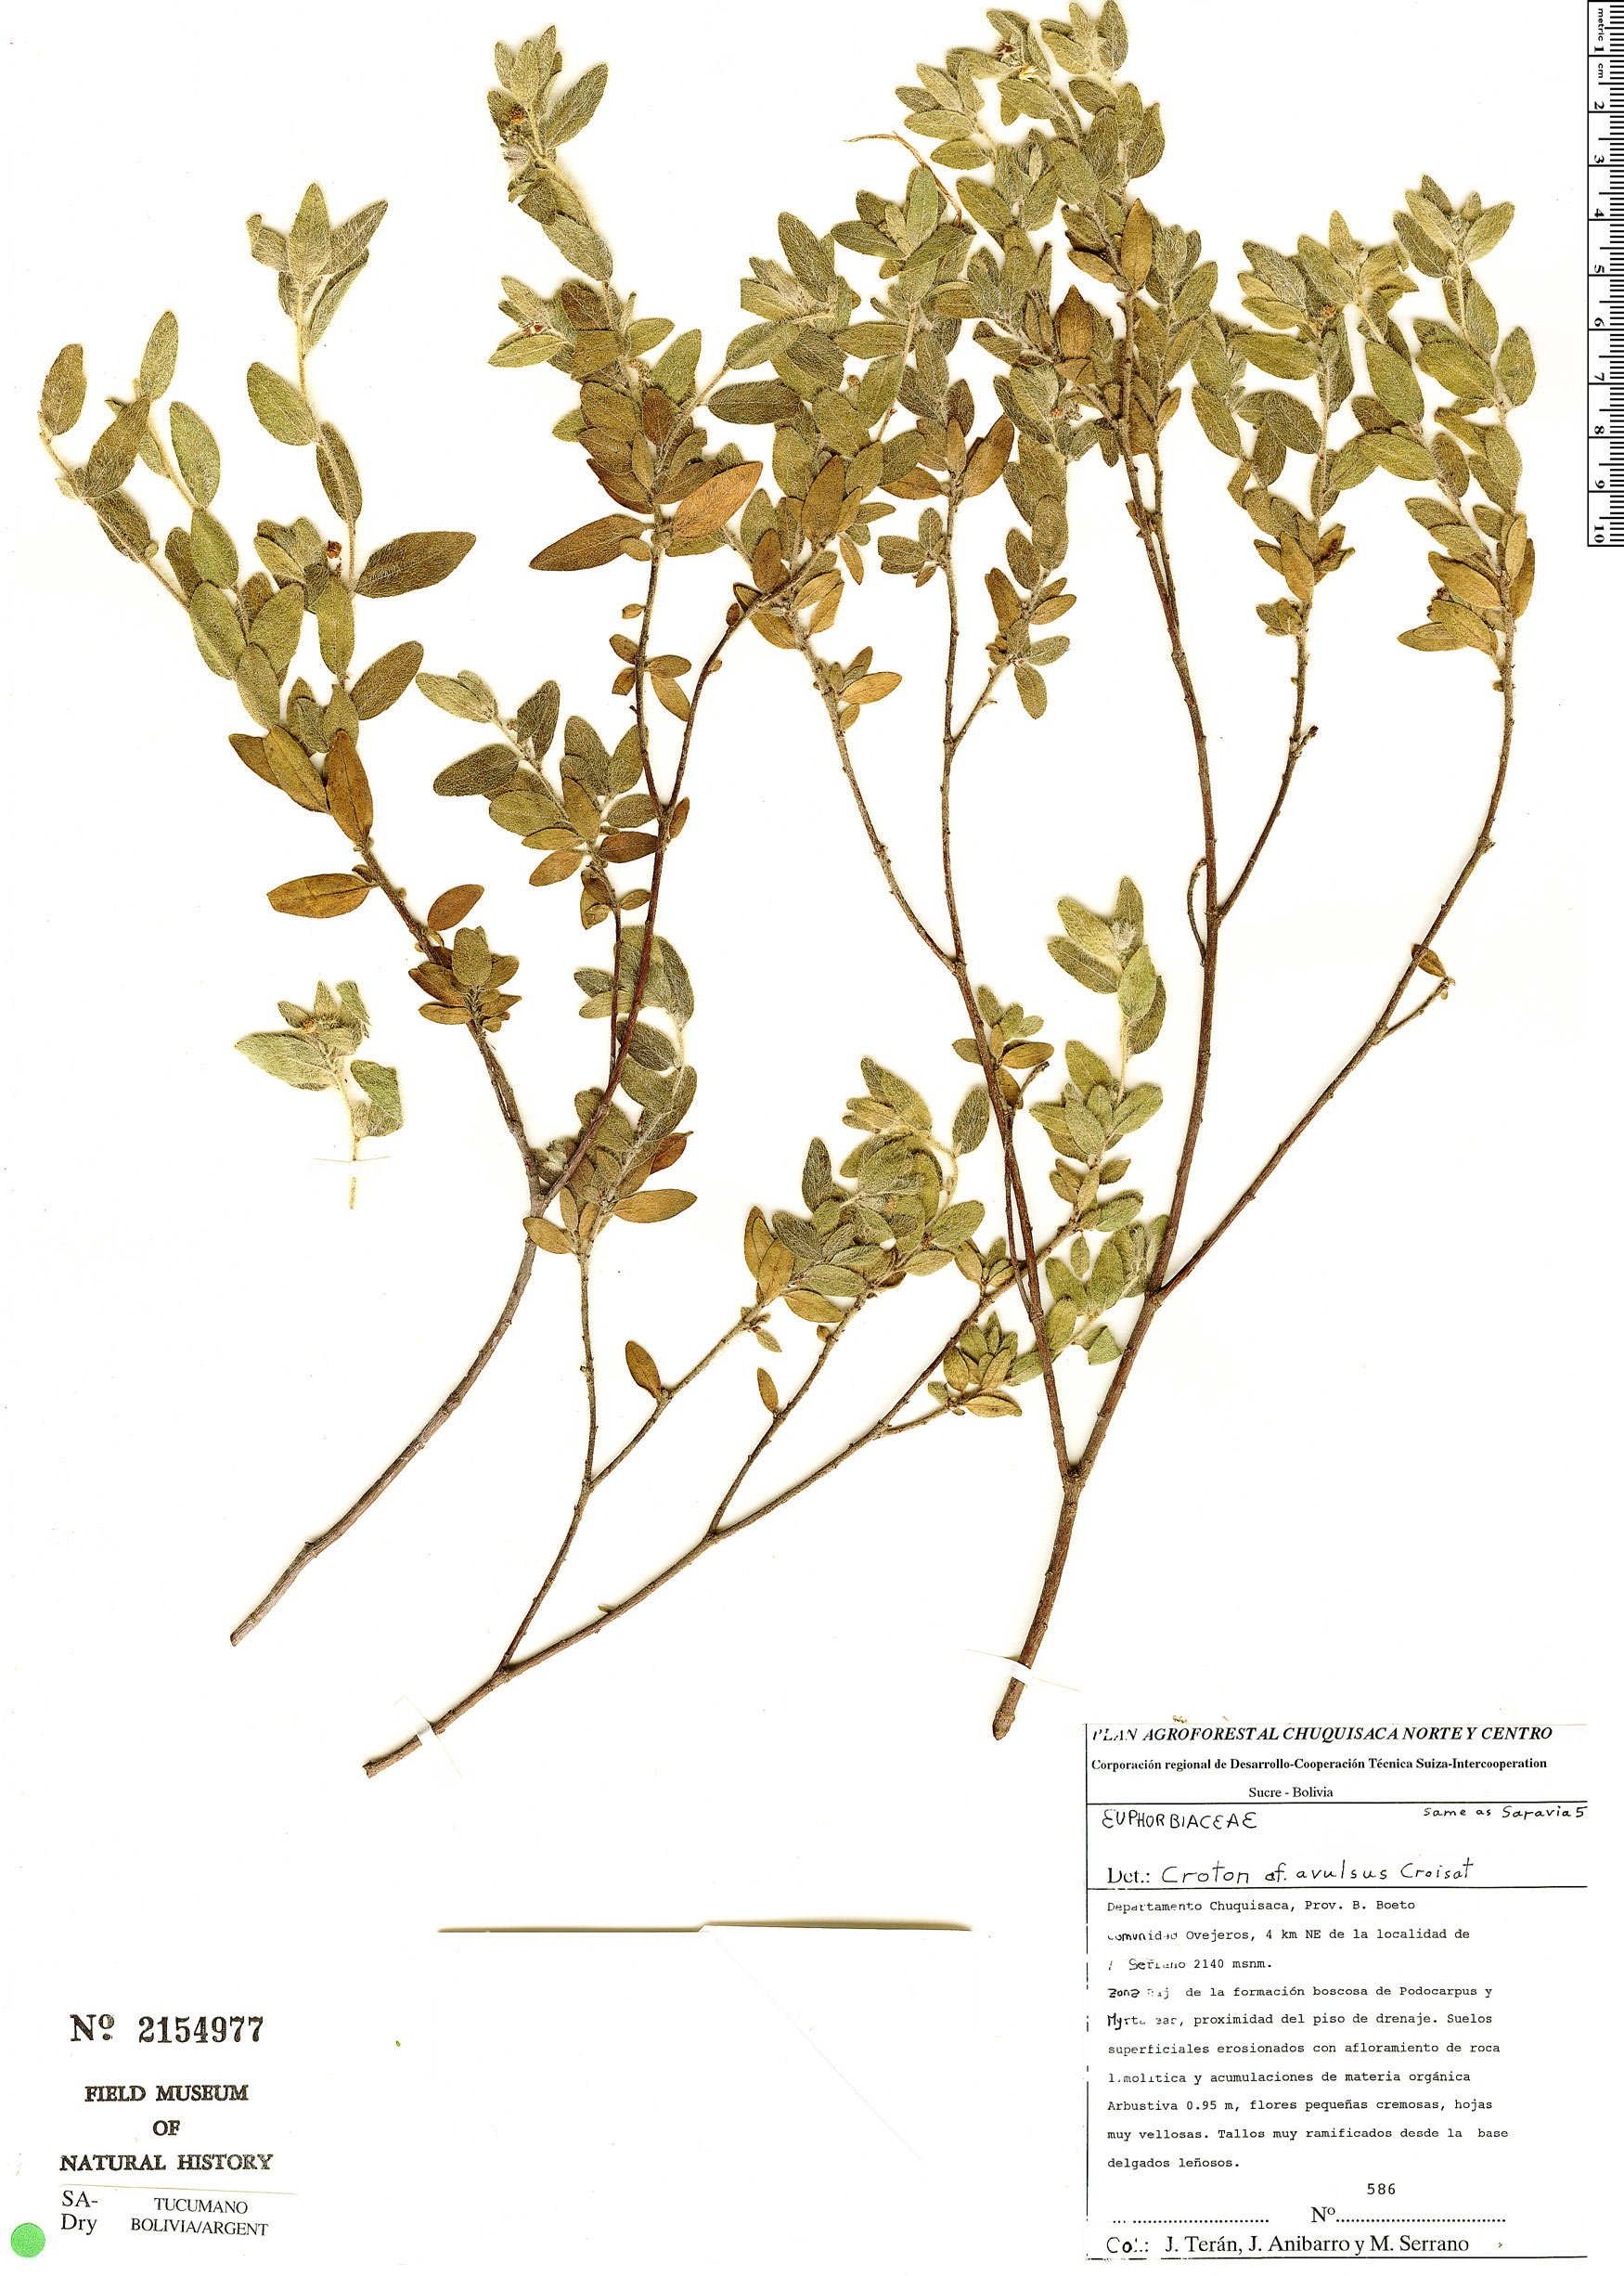 Specimen: Croton avulsus